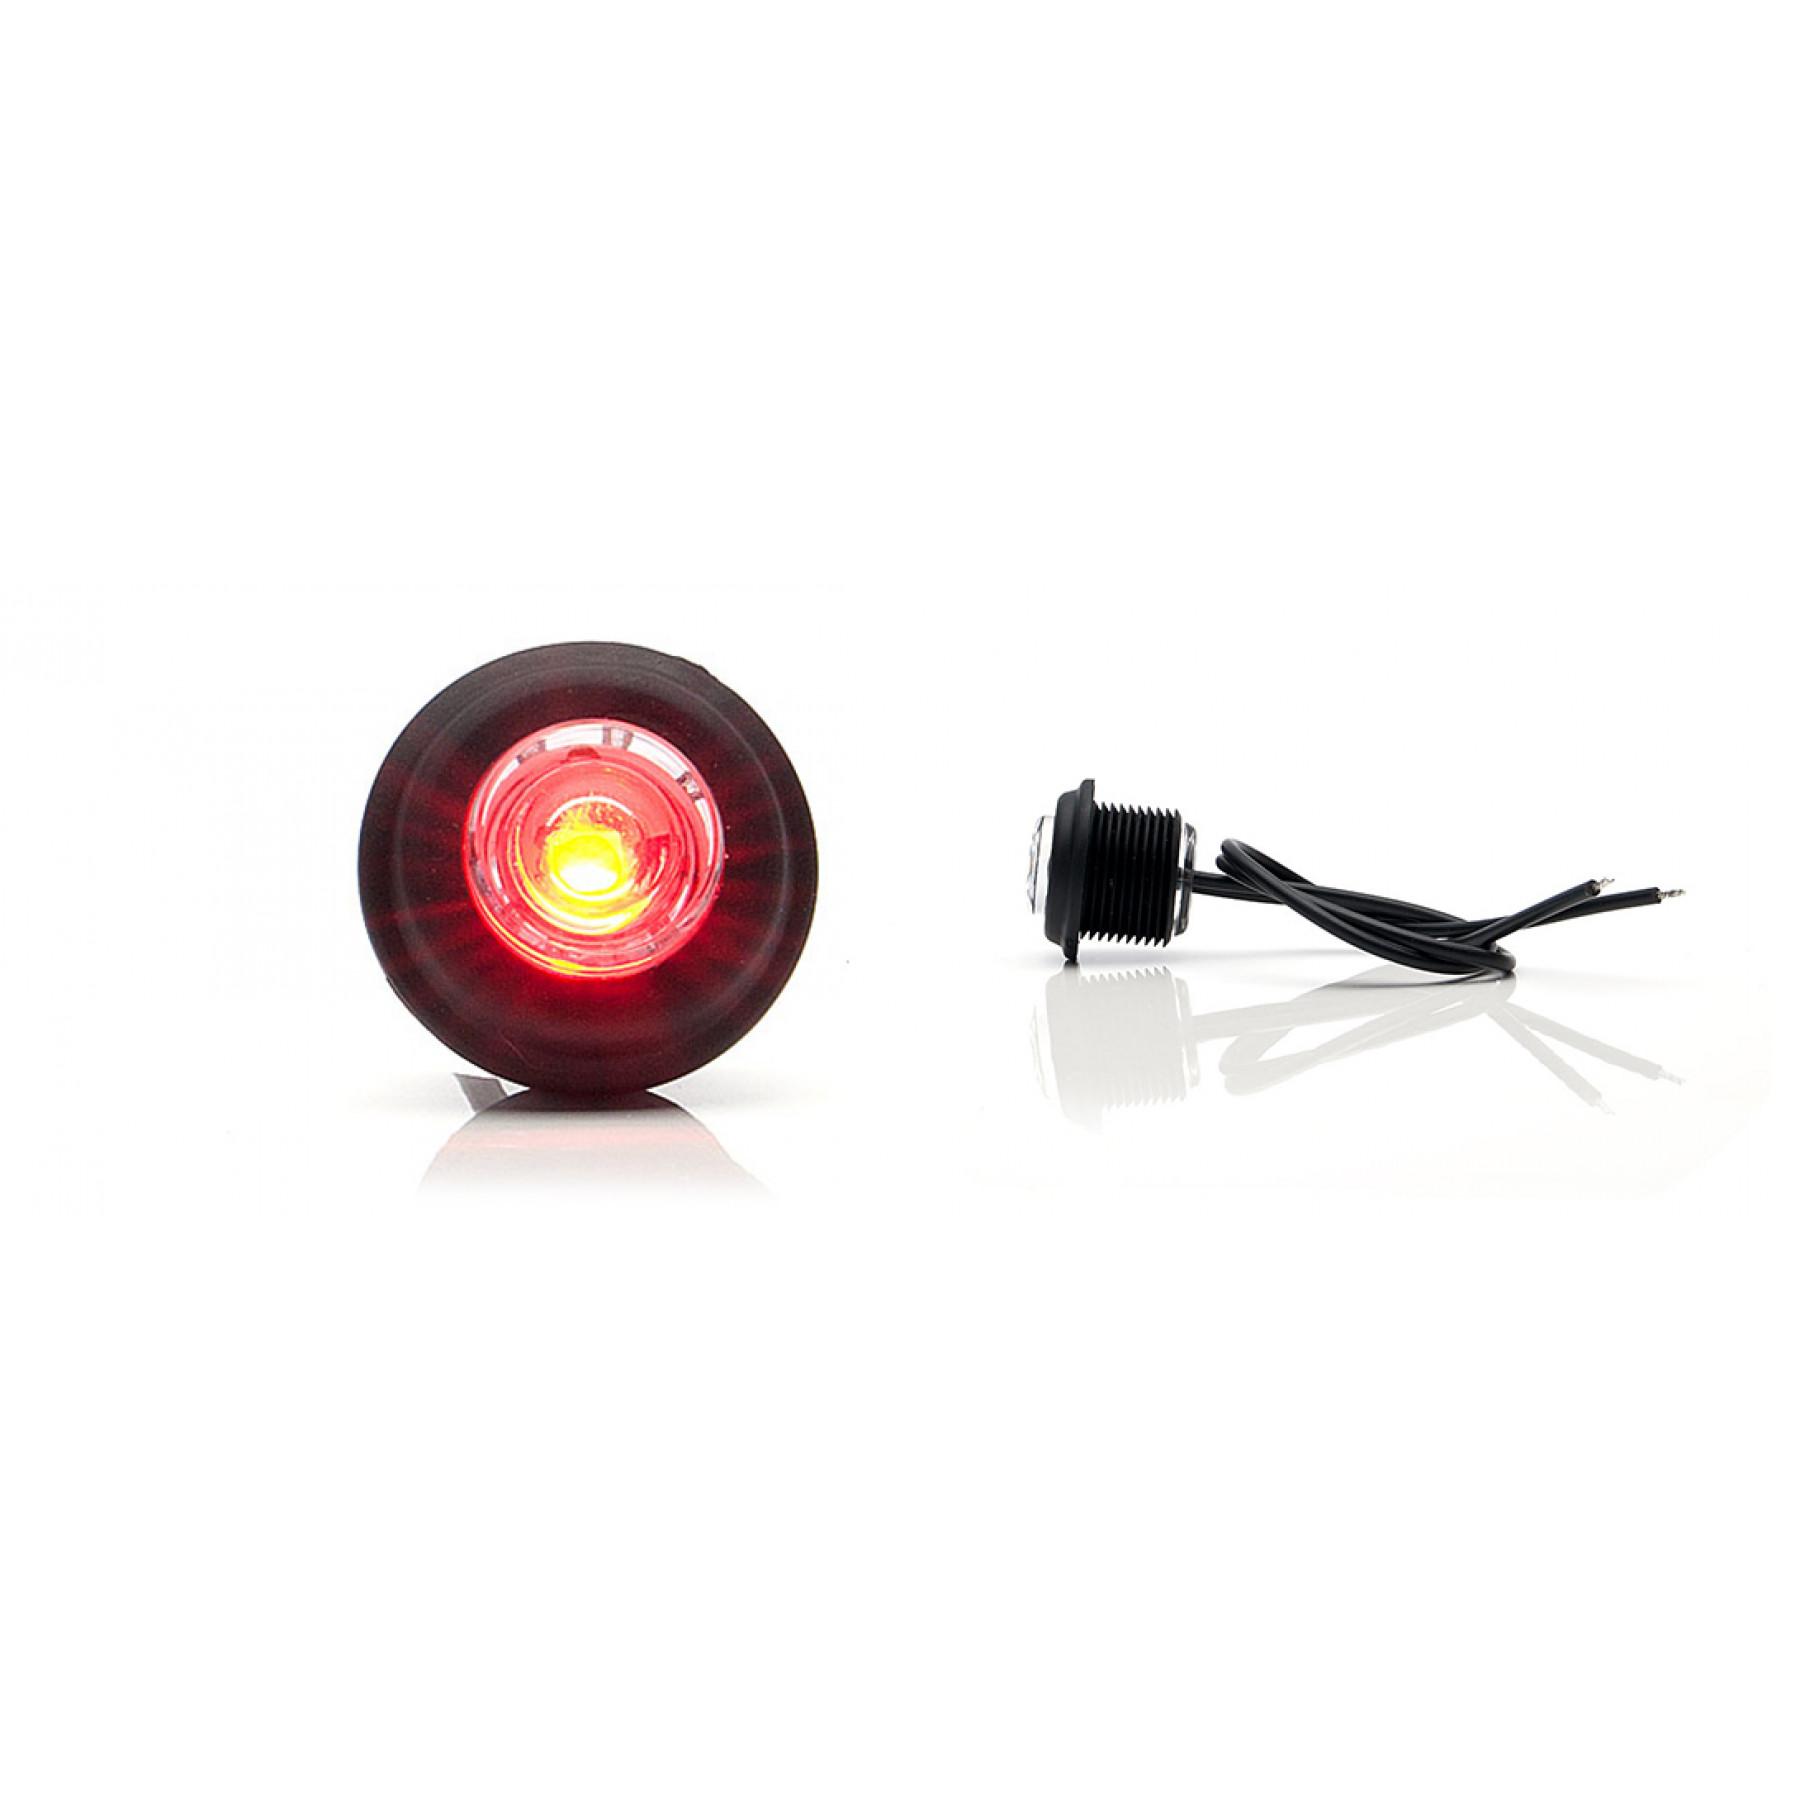 Markeringslamp LED rood 12/24v inbouw 21mm